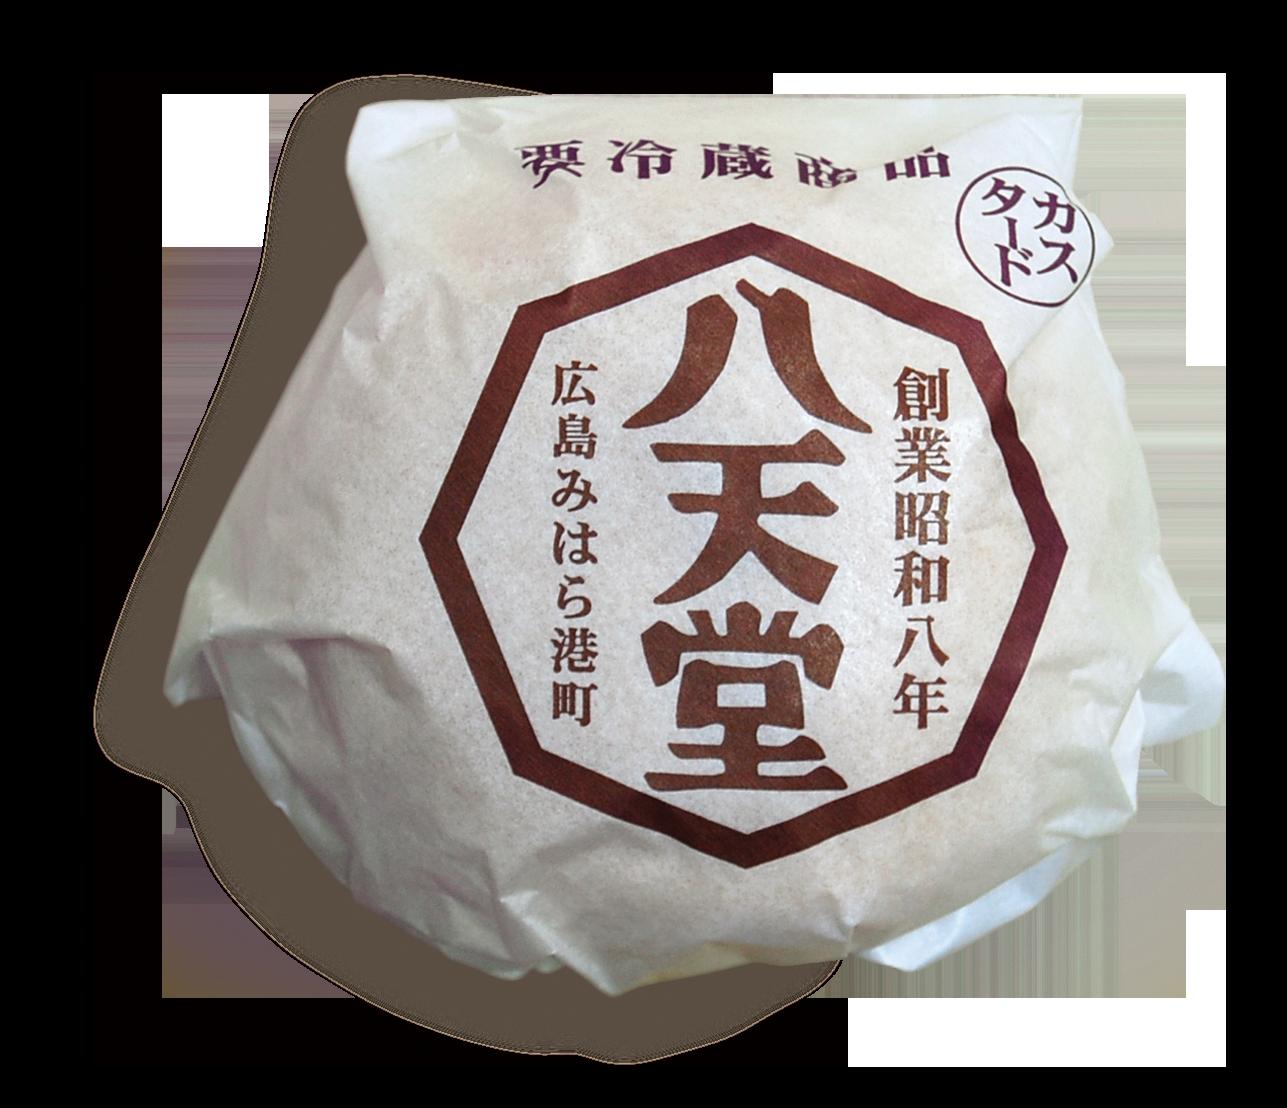 株式会社八天堂「くりーむぱん」パッケージデザイン